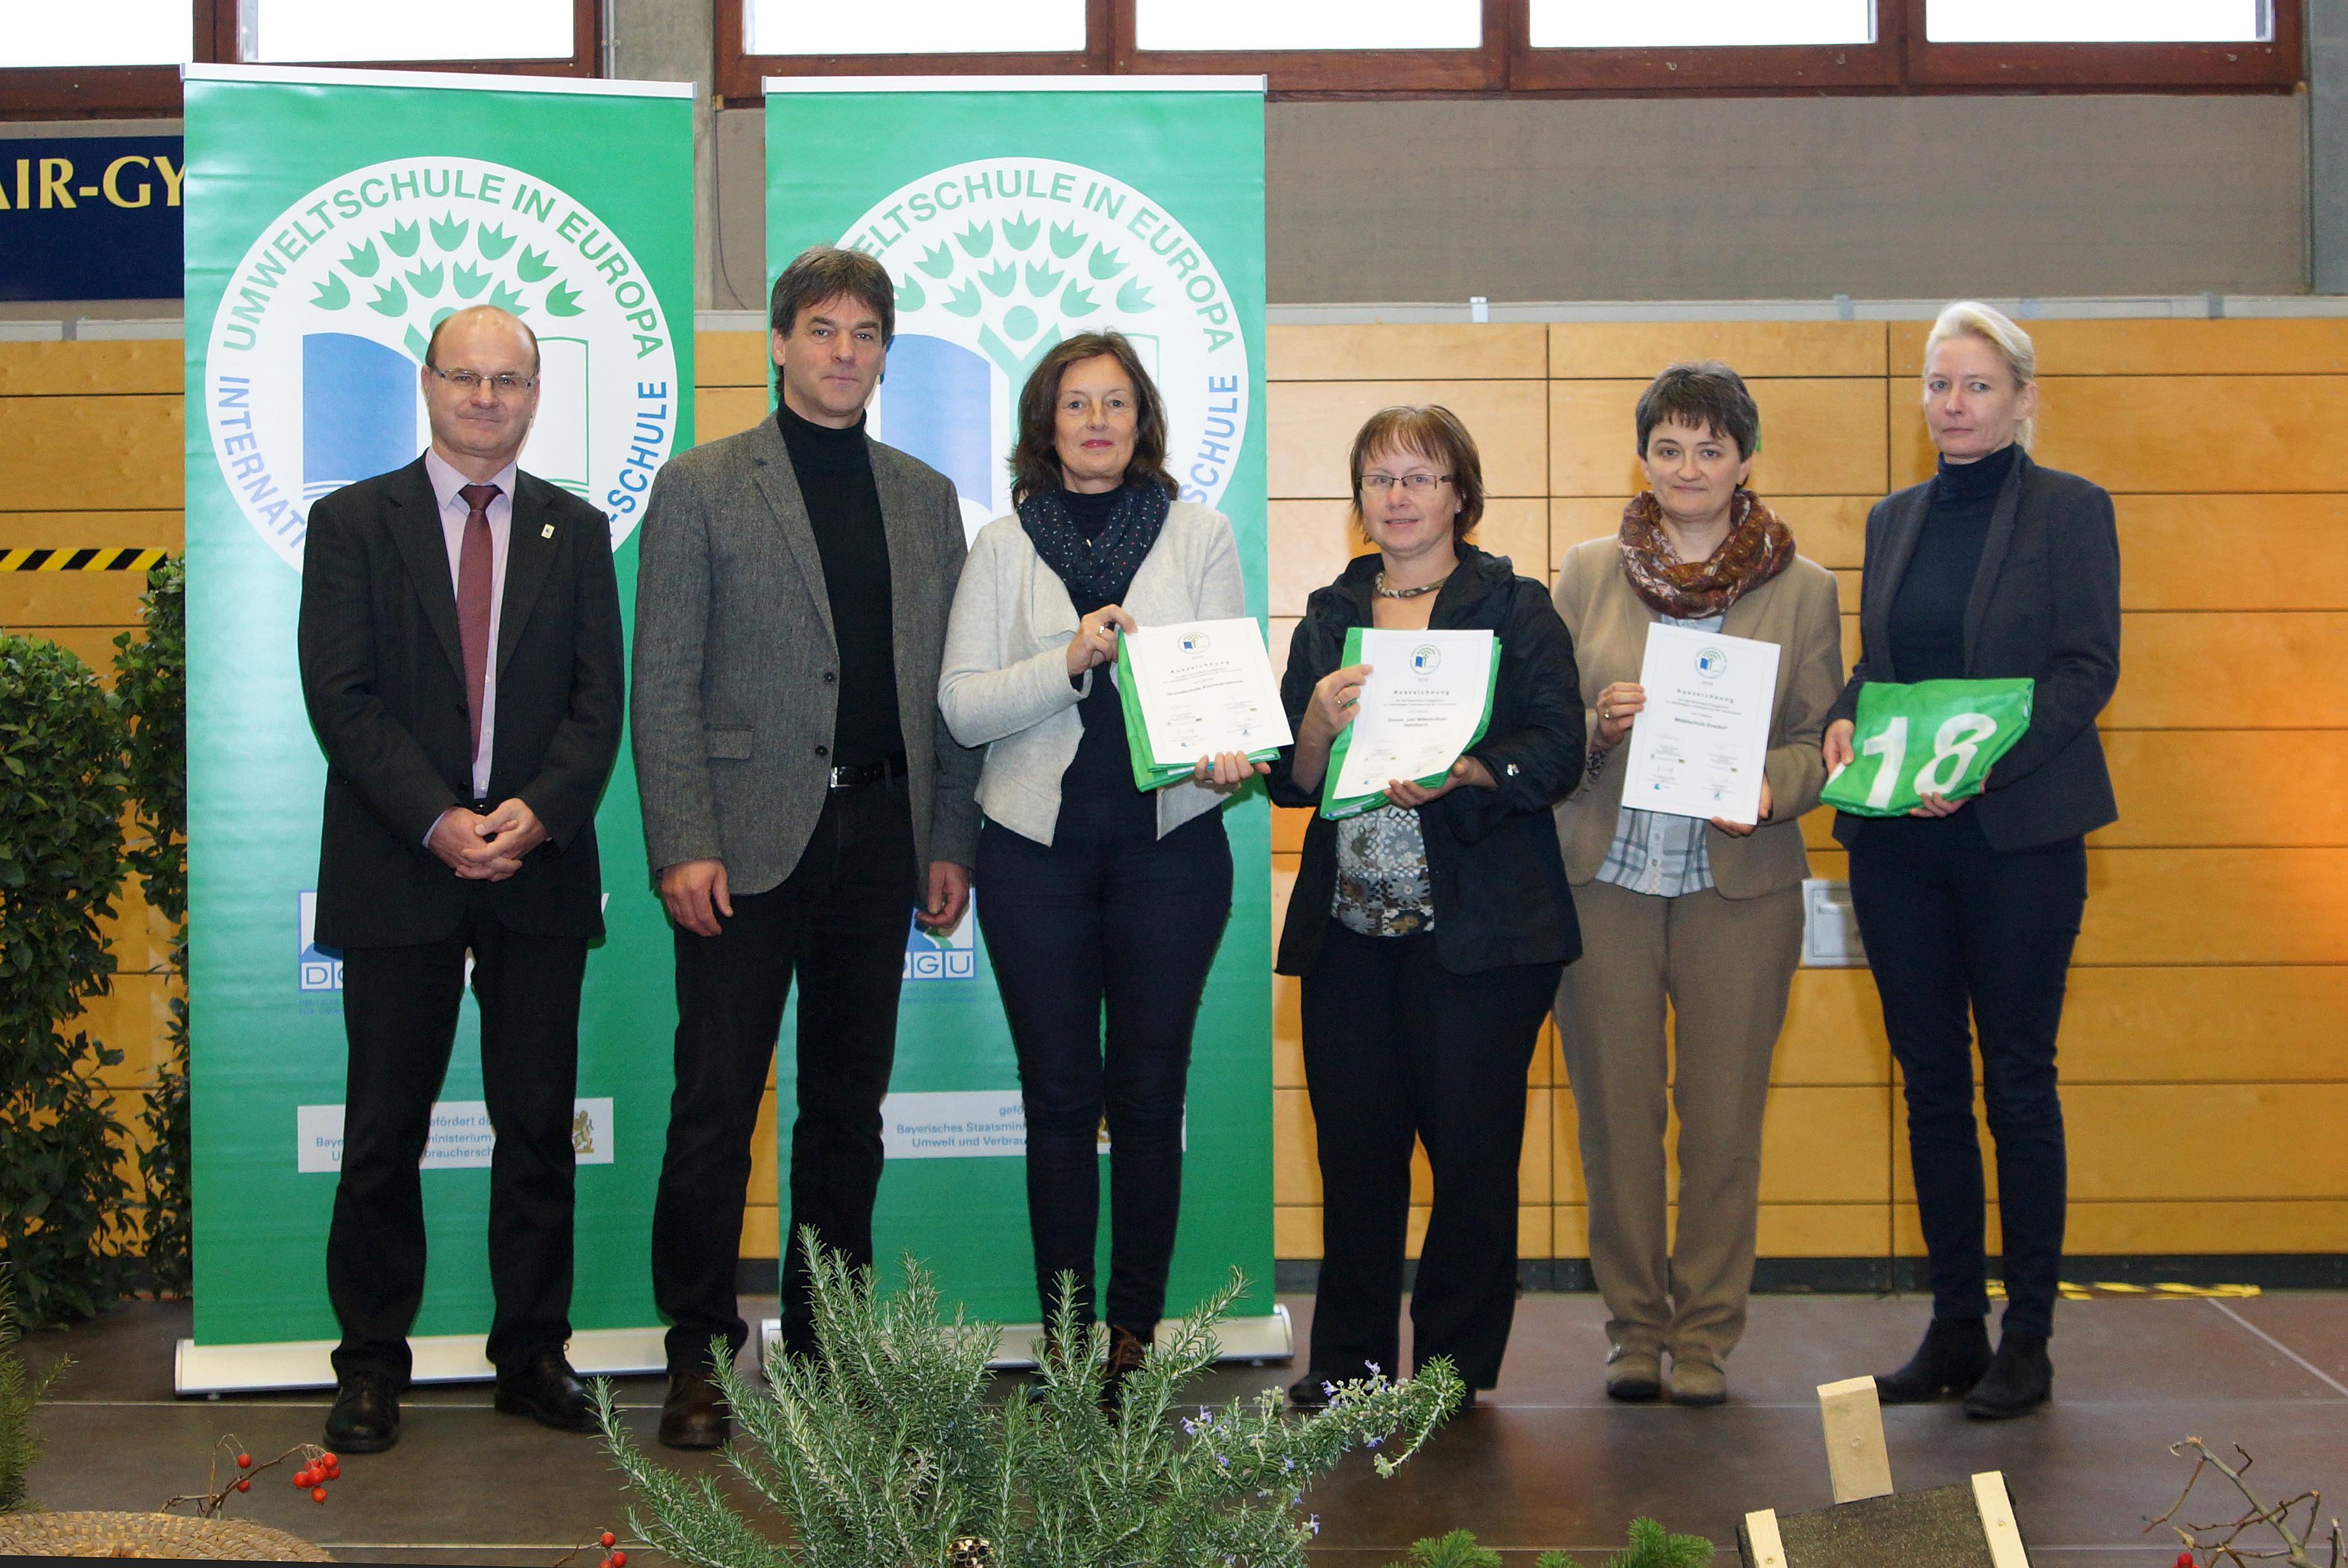 Umweltschule in Europa 2018